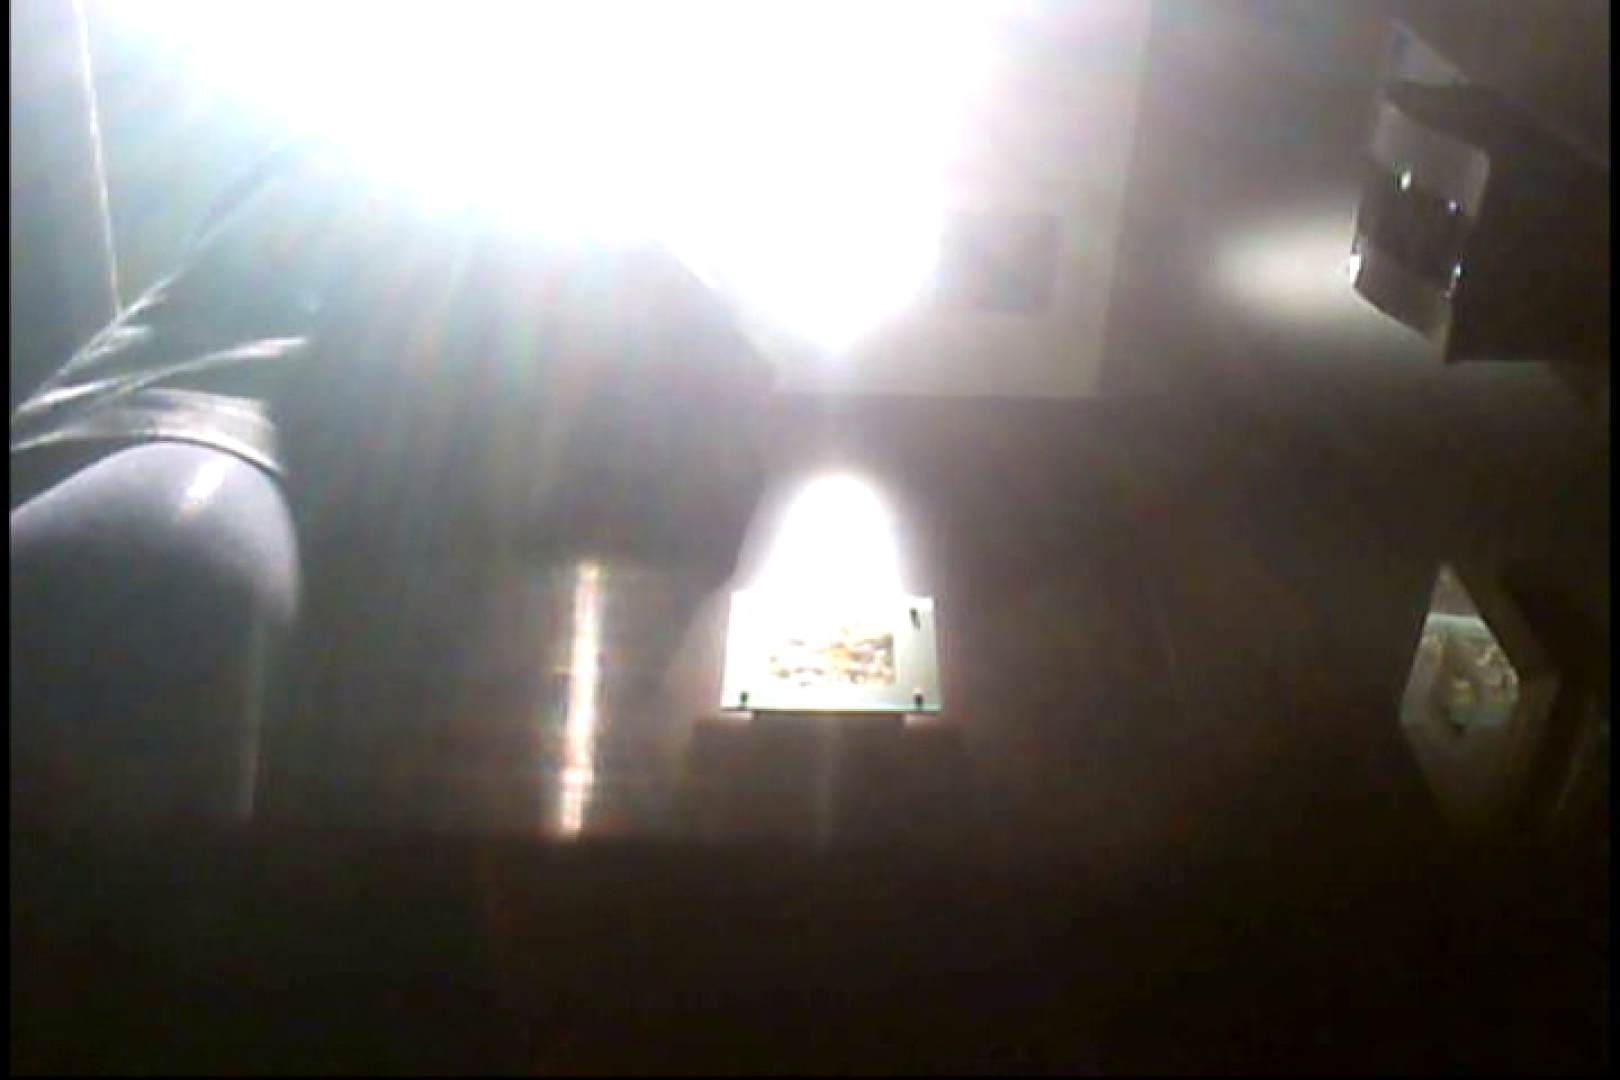 亀さんかわや VIPバージョン! vol.34 オマンコ秘宝館 おまんこ動画流出 43連発 5